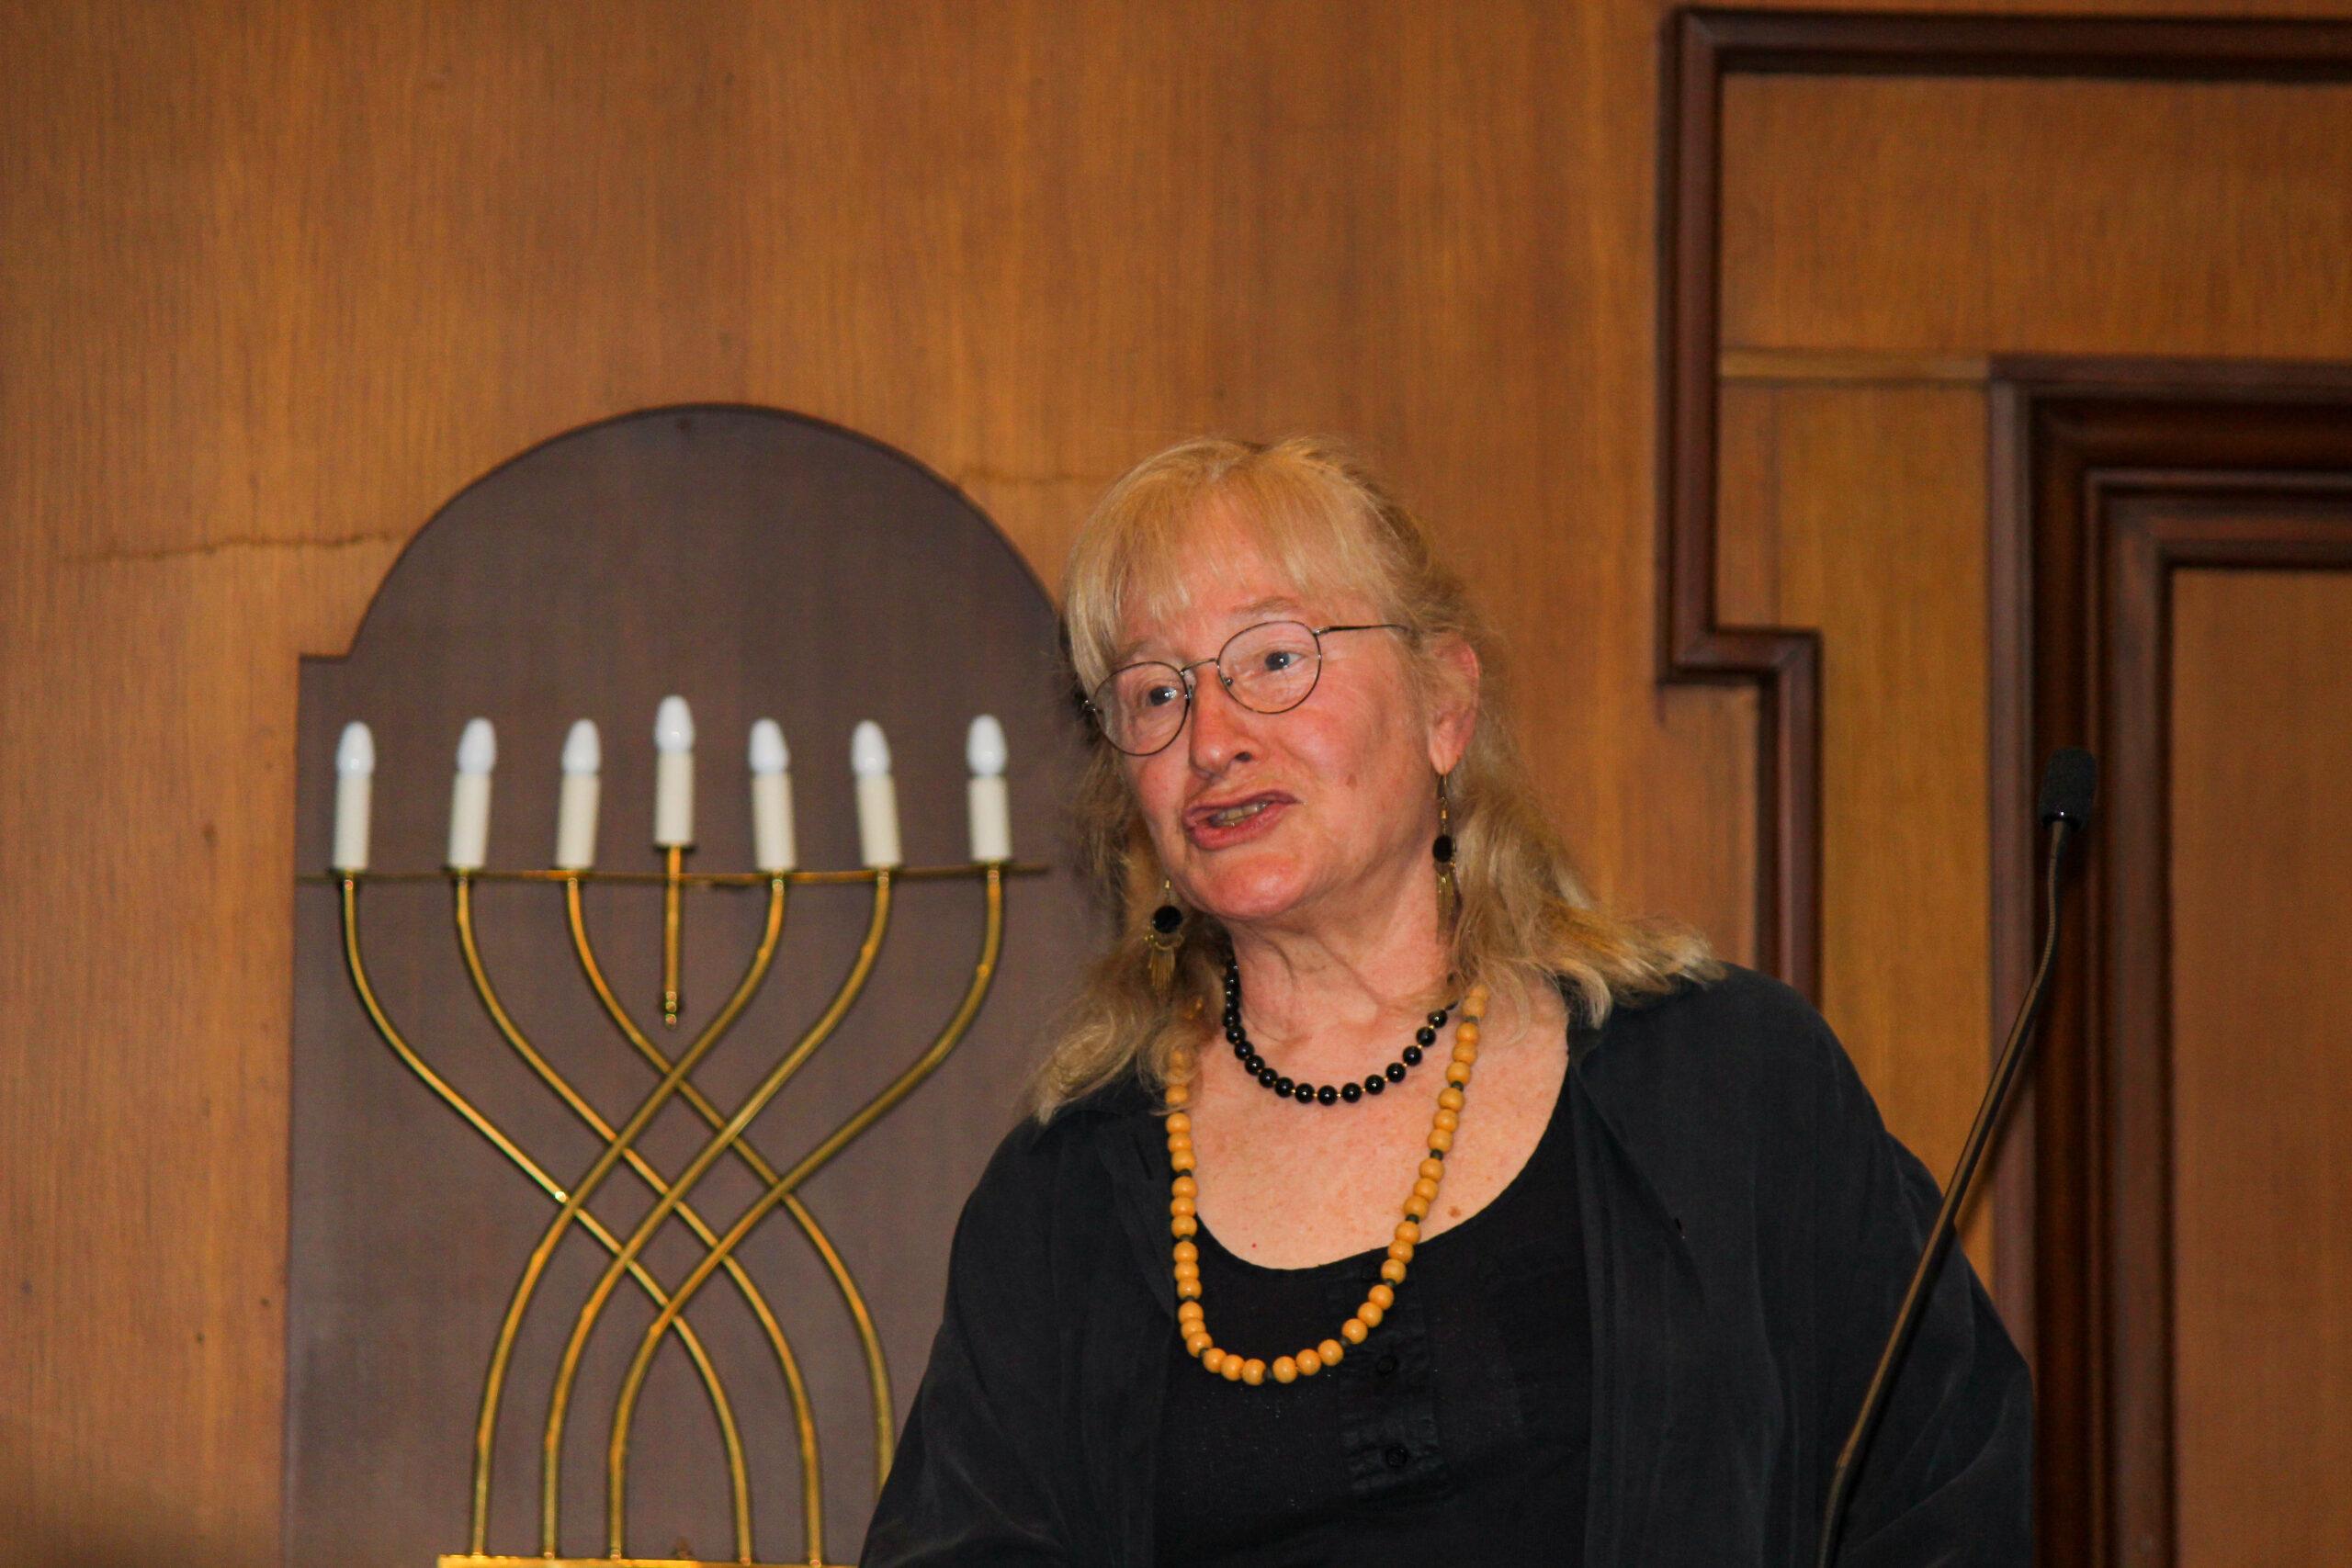 Sharon Herson